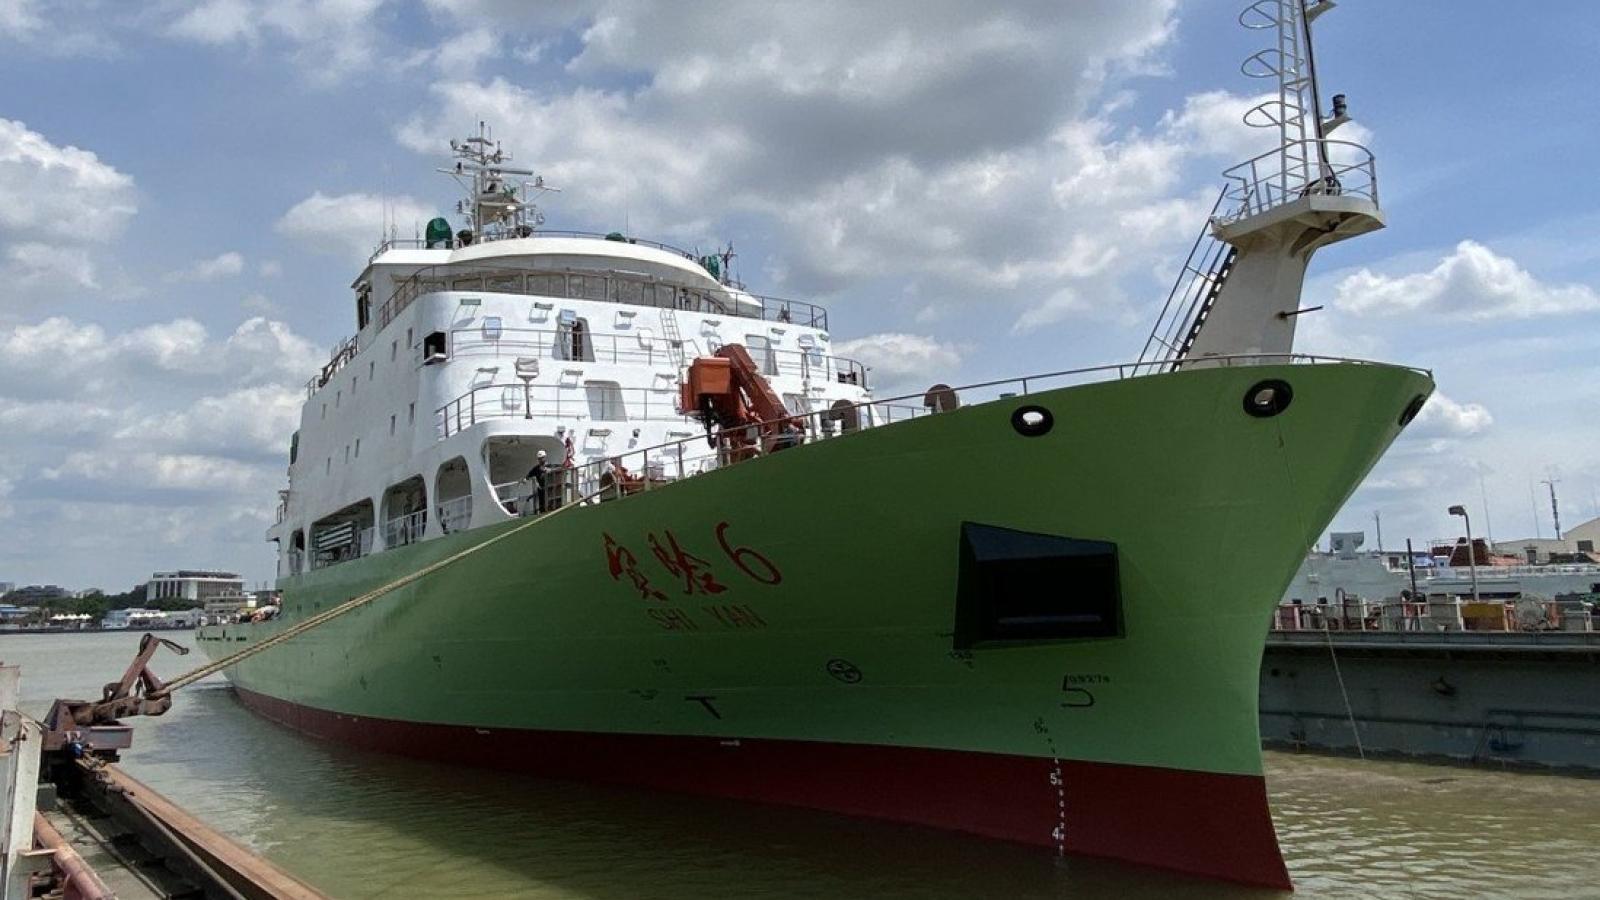 Trung Quốc đưa tàu khảo sát tới Biển Đông